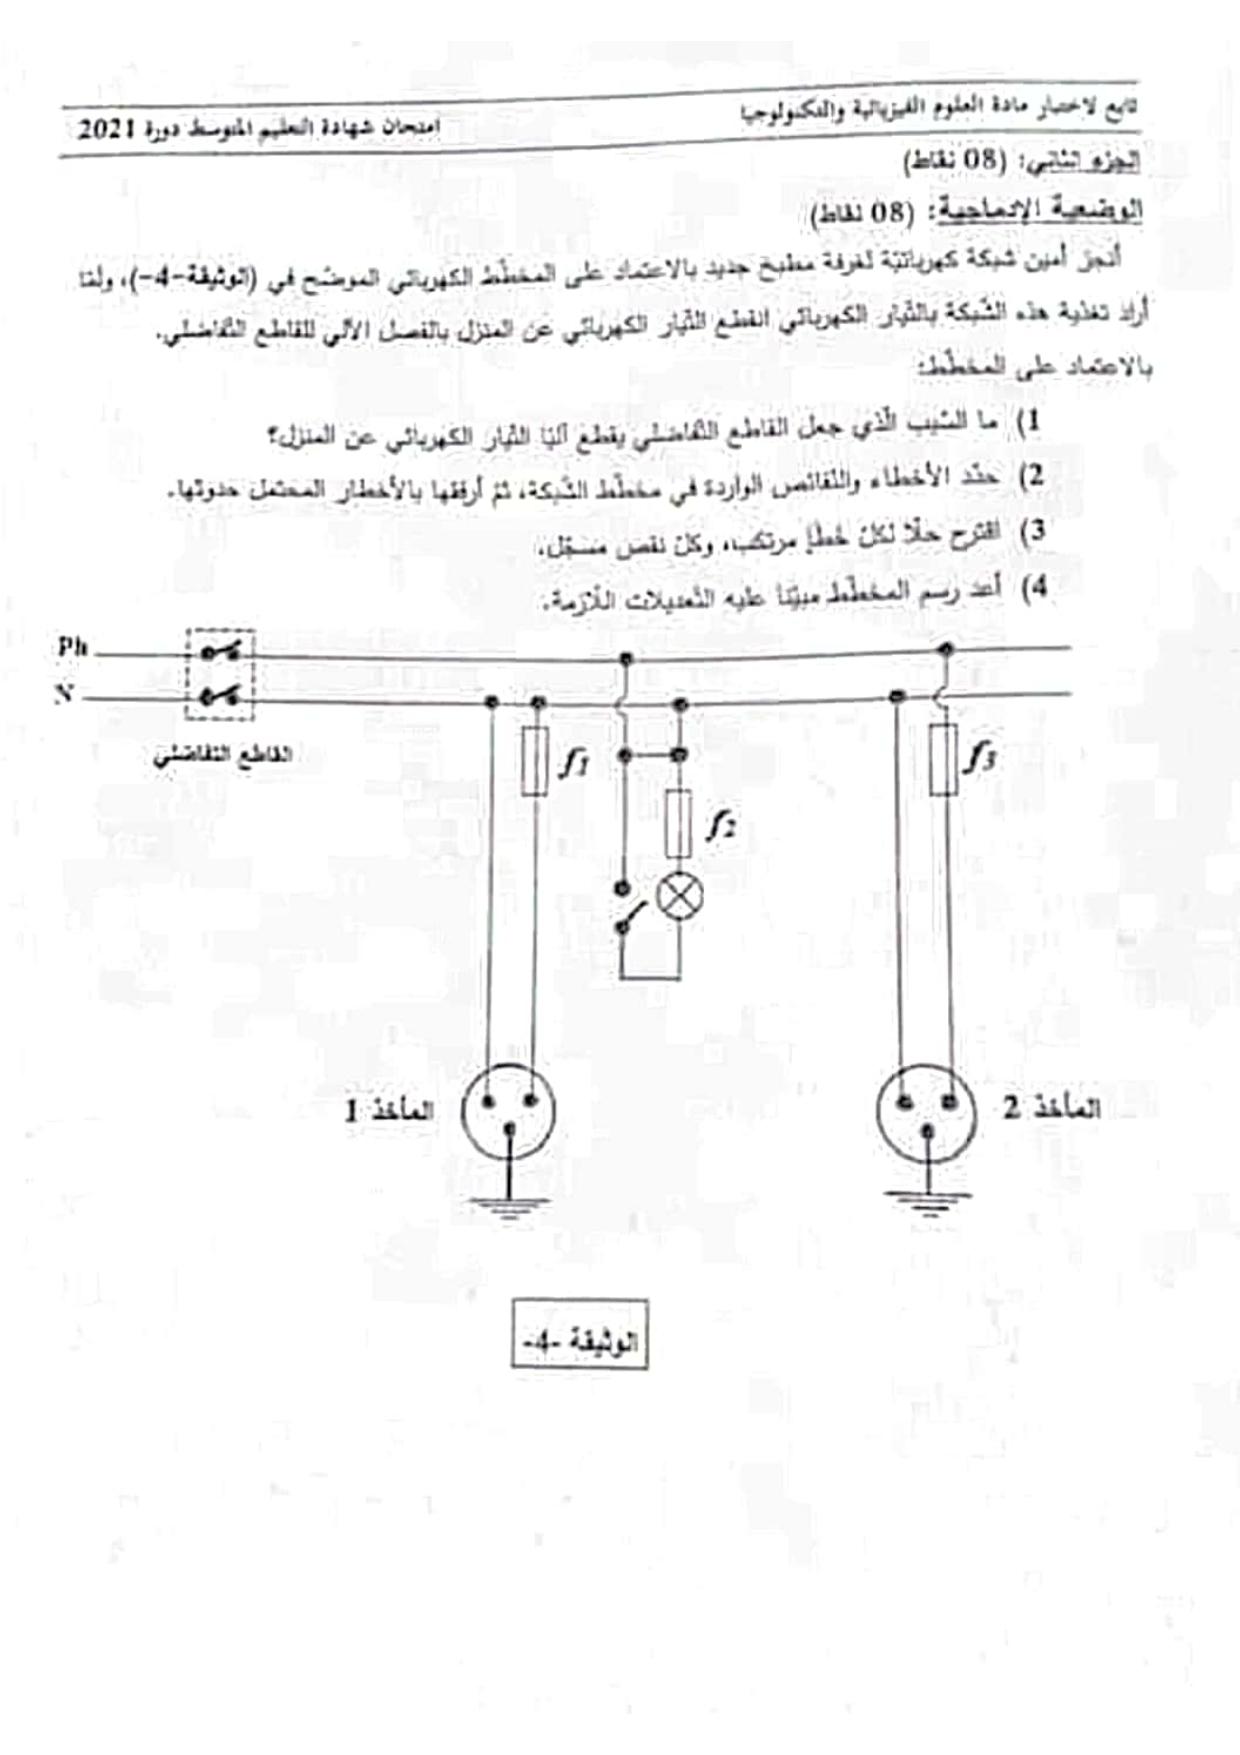 موضوع الفيزياء شهادة التعليم المتوسط bem 2021